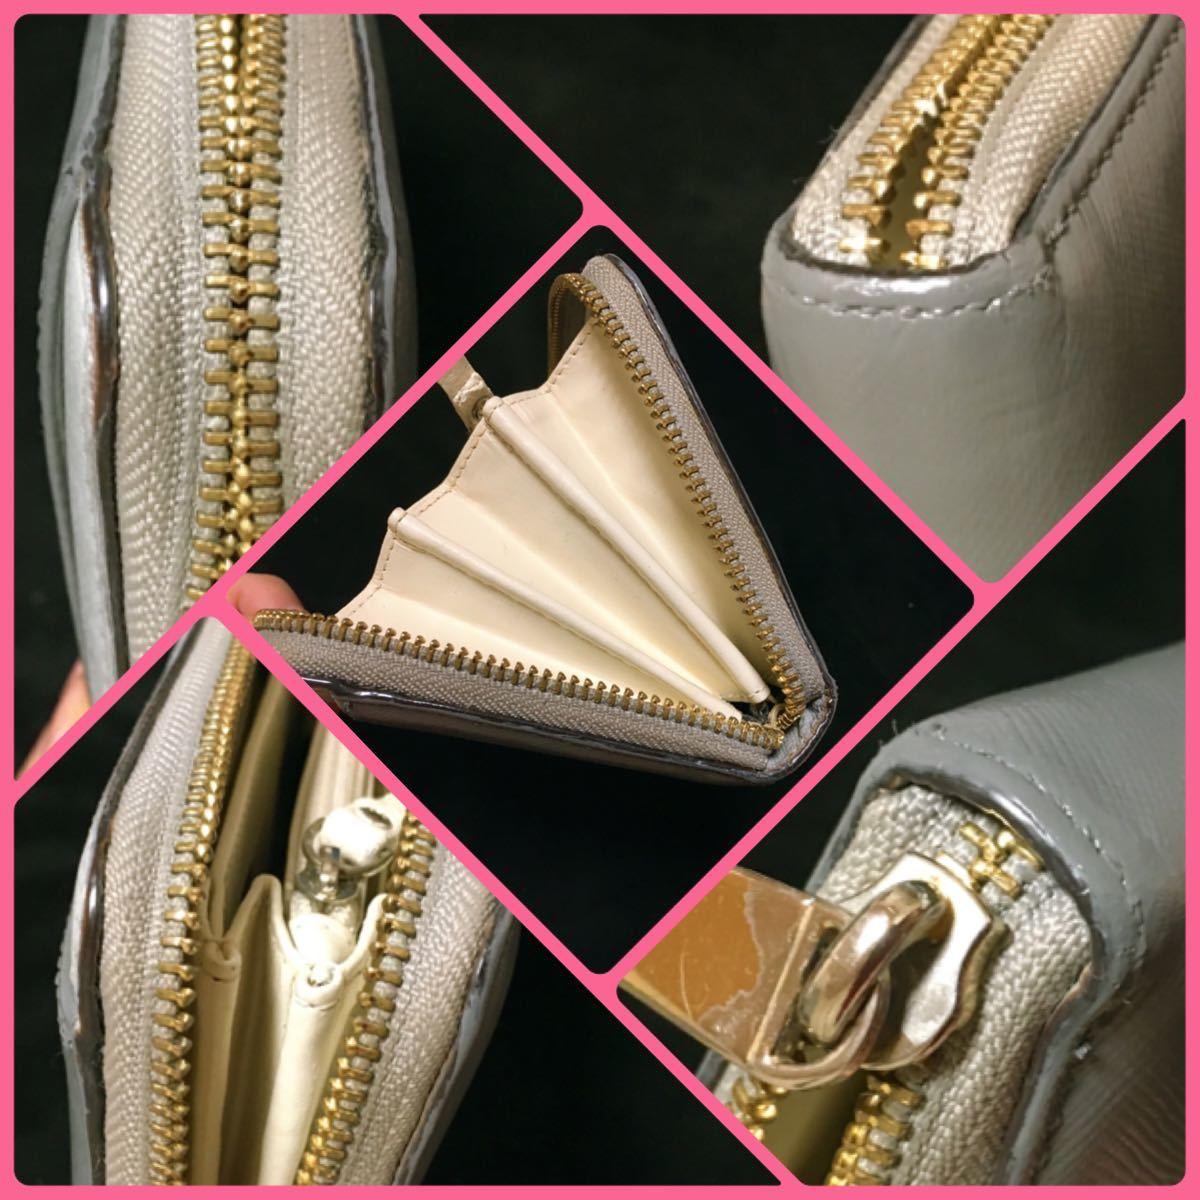 ケイトスペード リペア済みですぐに使えるラウンドファスナー長財布!